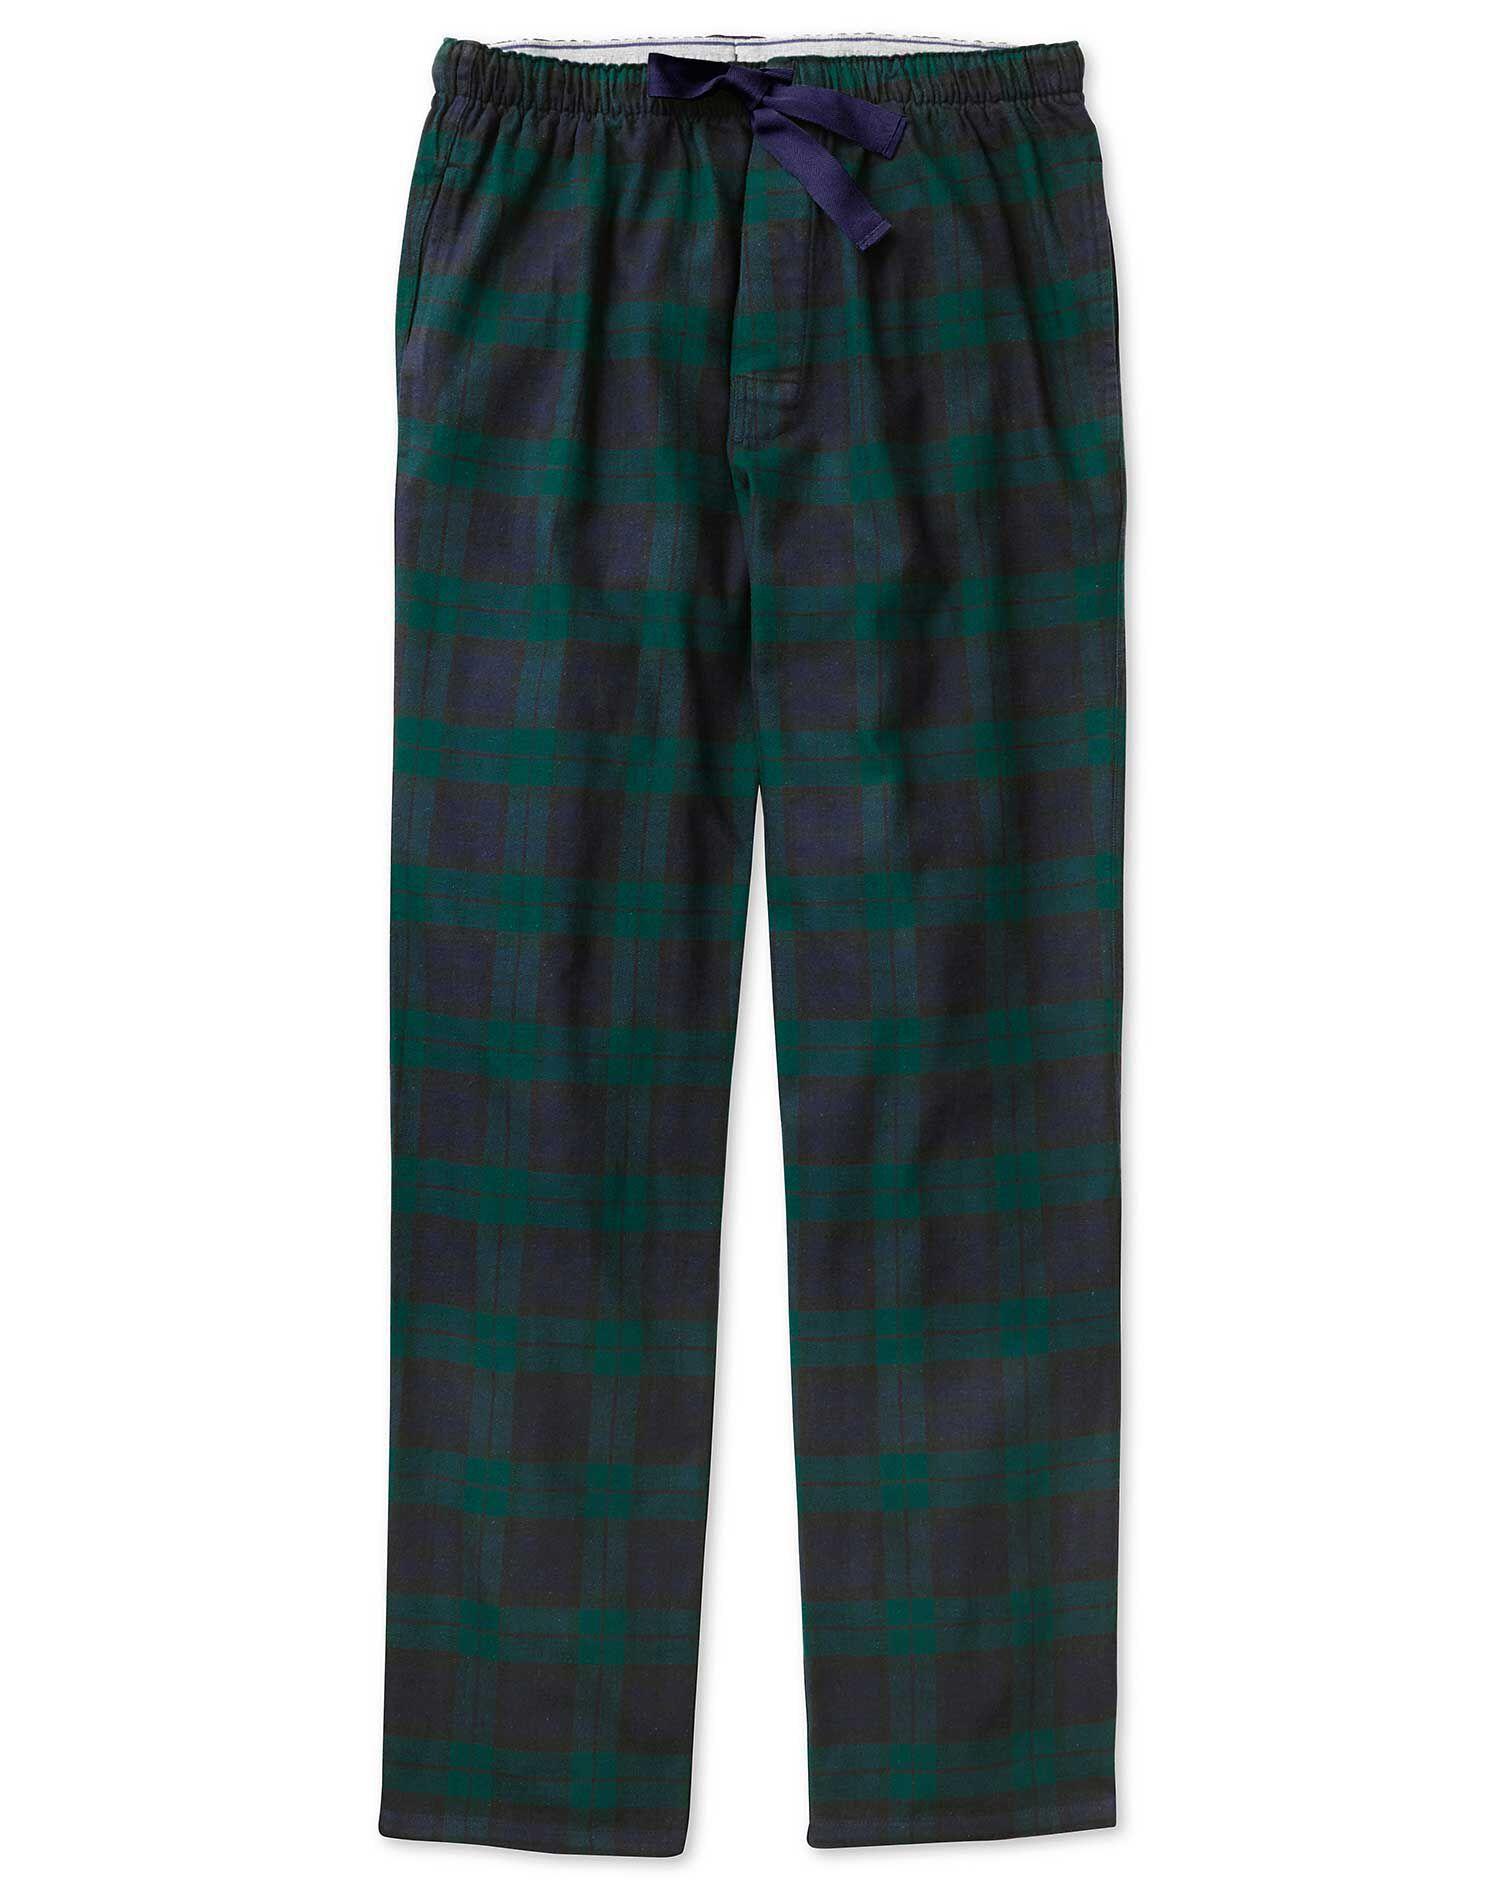 pyjama hose aus geb rsteter baumwoll in marineblau und gr n mit karos g nstig schnell einkaufen. Black Bedroom Furniture Sets. Home Design Ideas